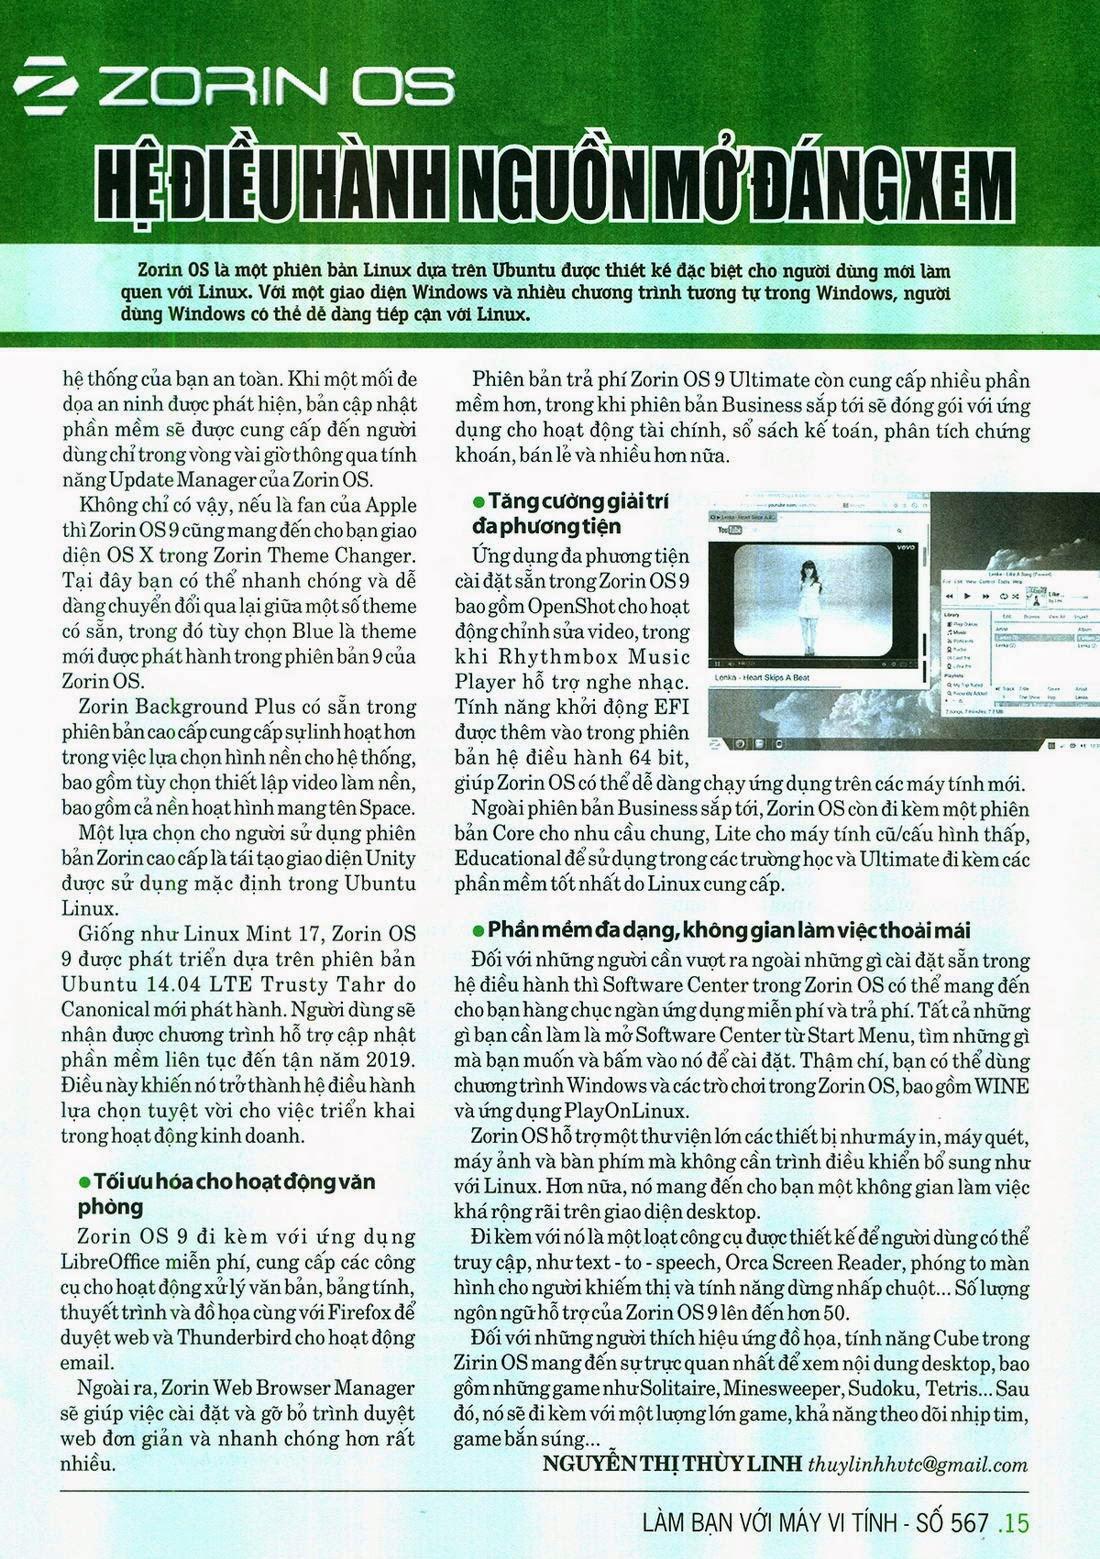 Lam Ban Voi May Vi Tinh 567 - tapchicntt.com